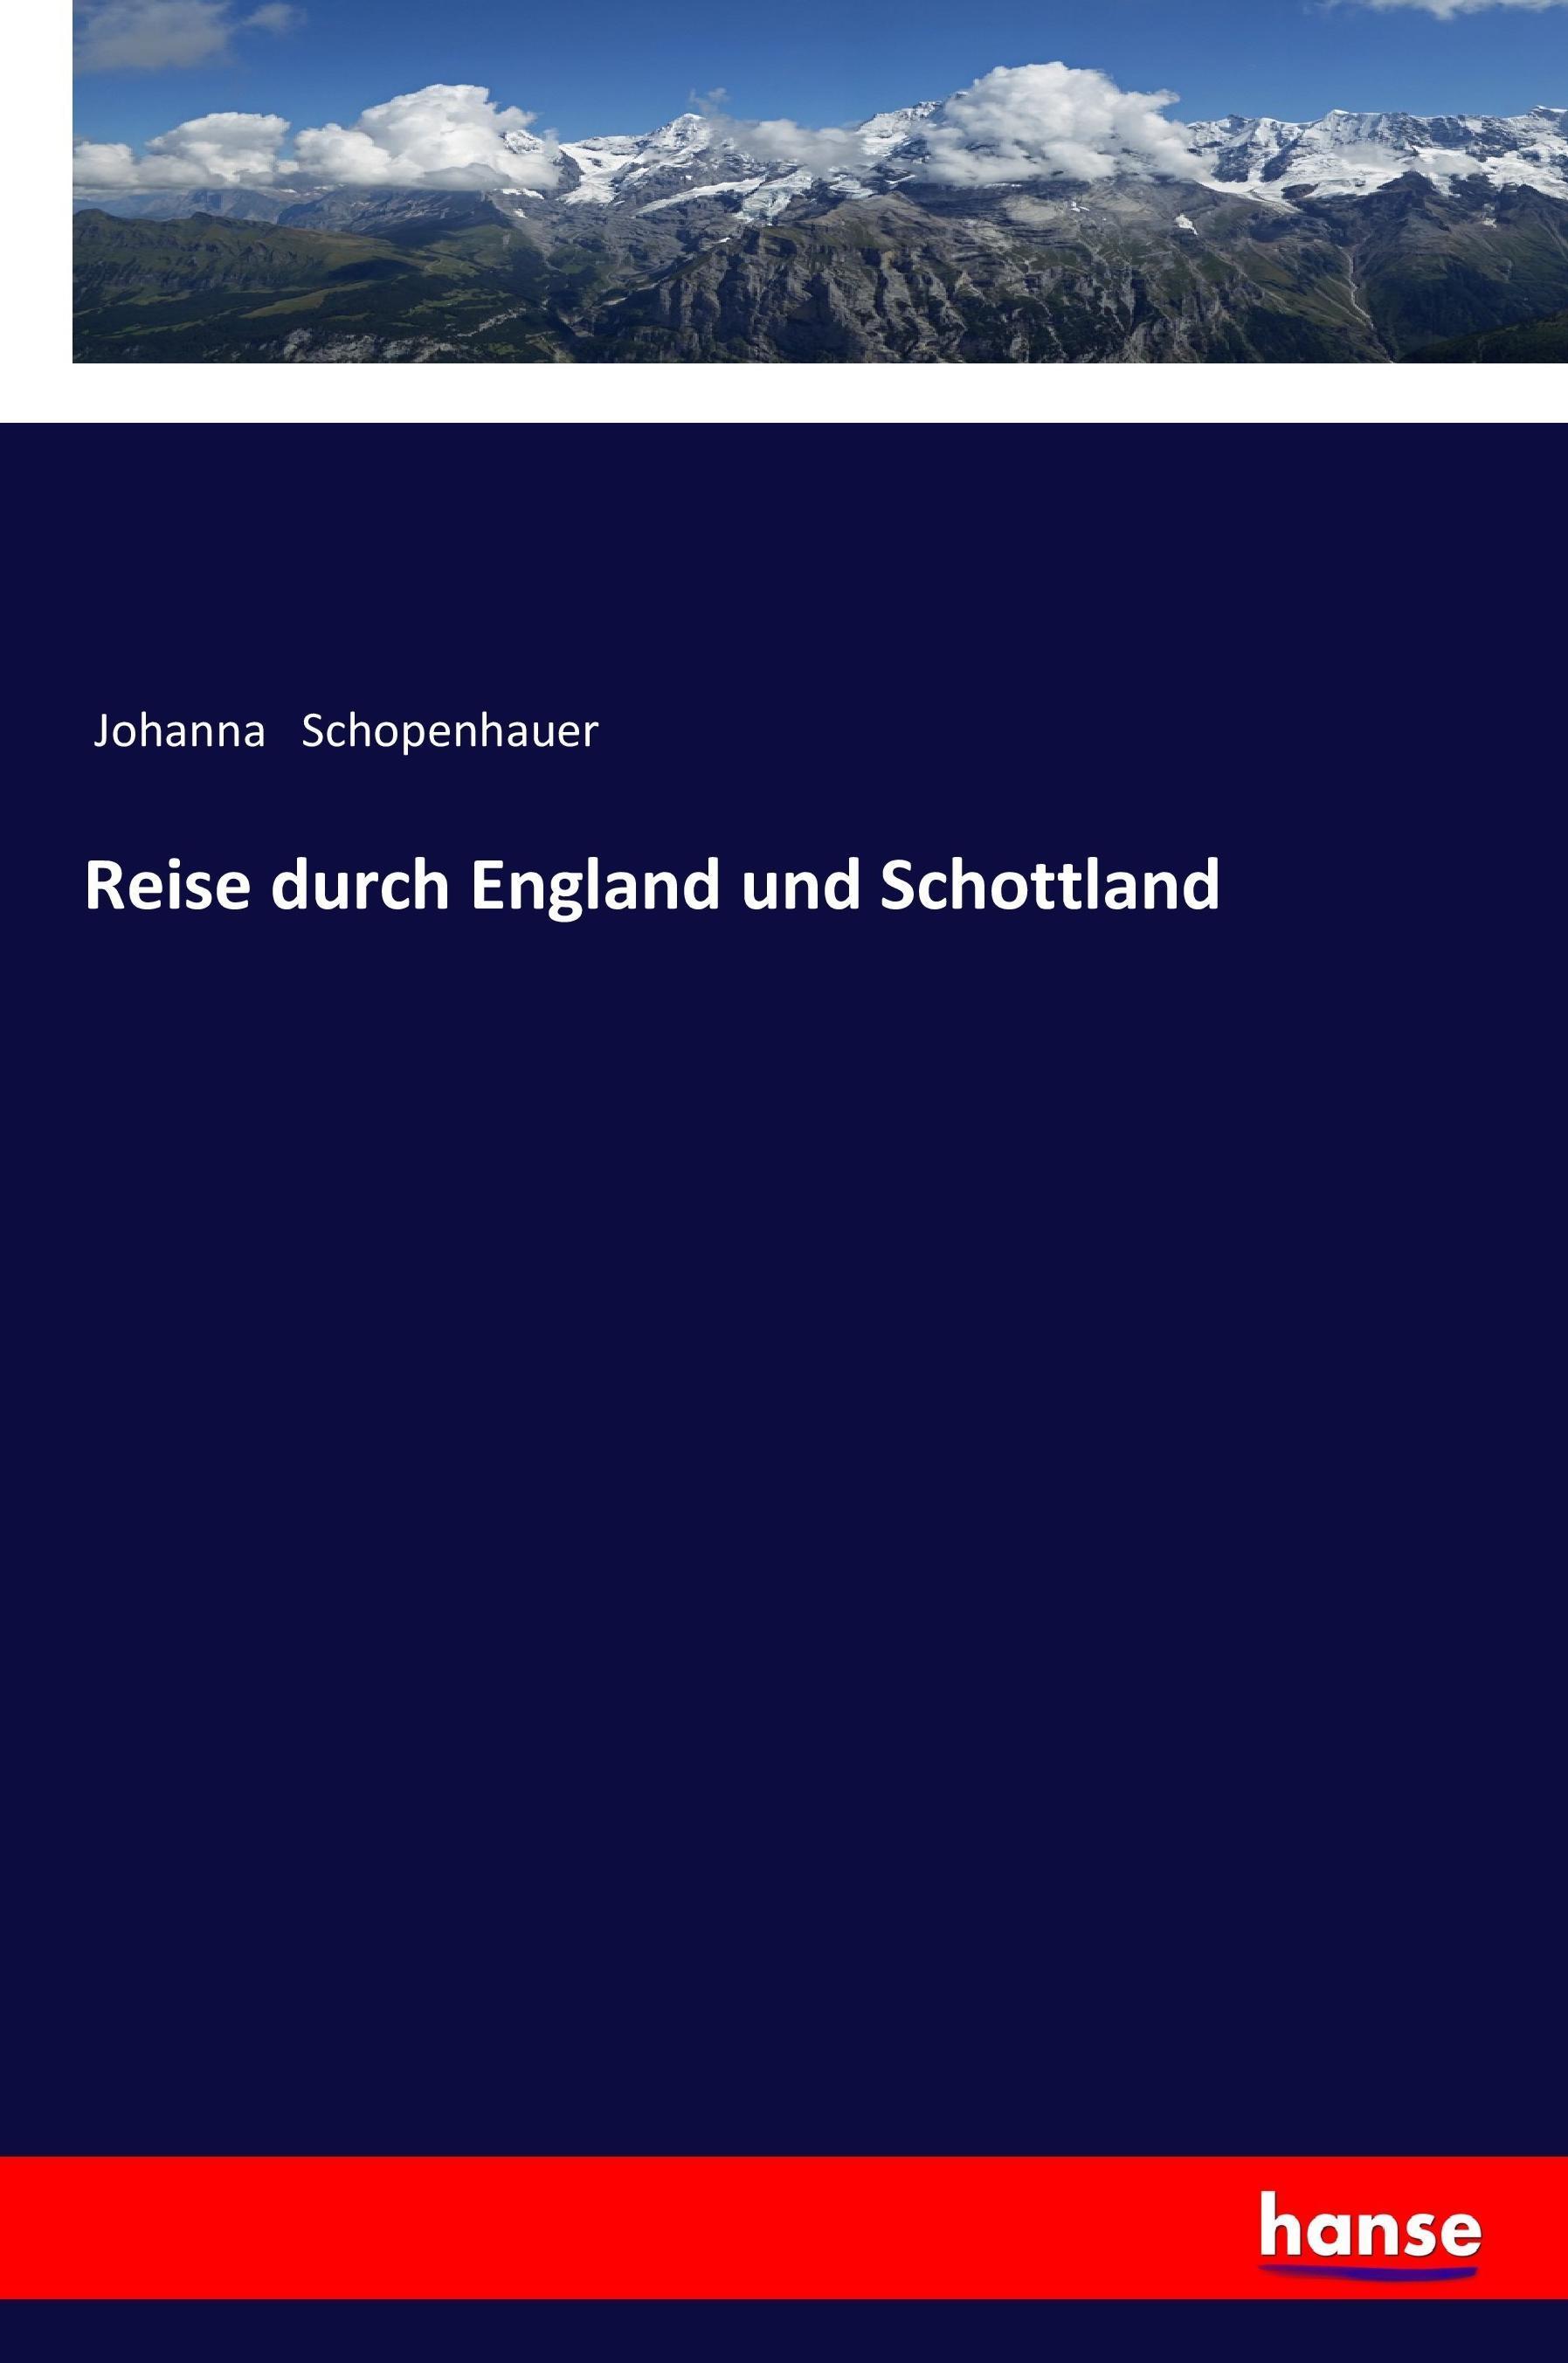 Reise durch England und Schottland - Schopenhauer, Johanna